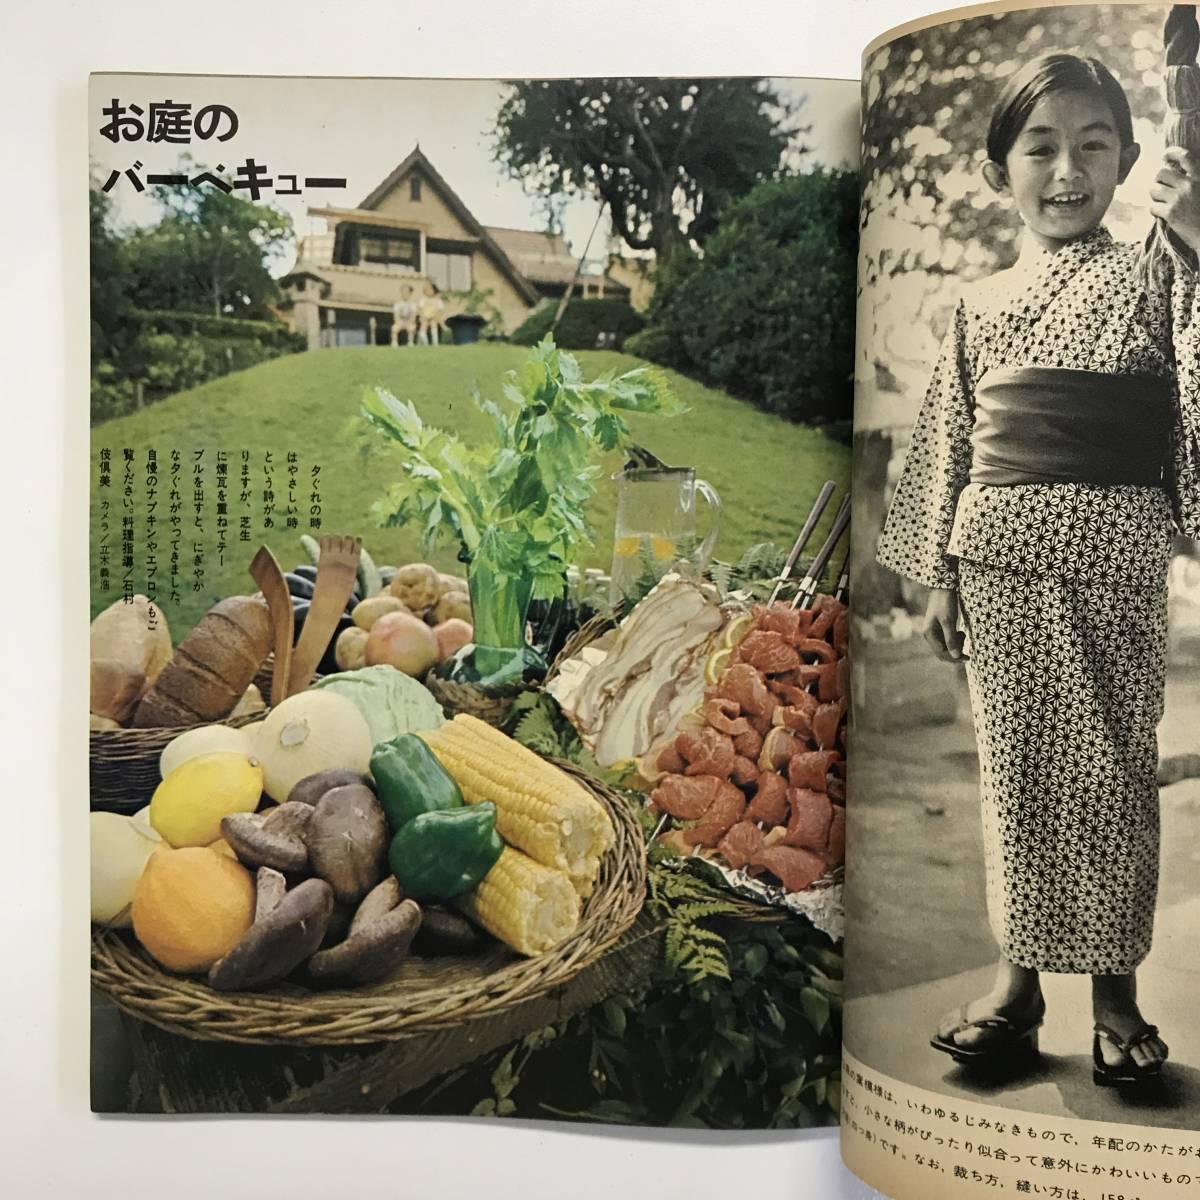 ミセス 臨時増刊号 昭和41年8月号 t00941_l3_画像4